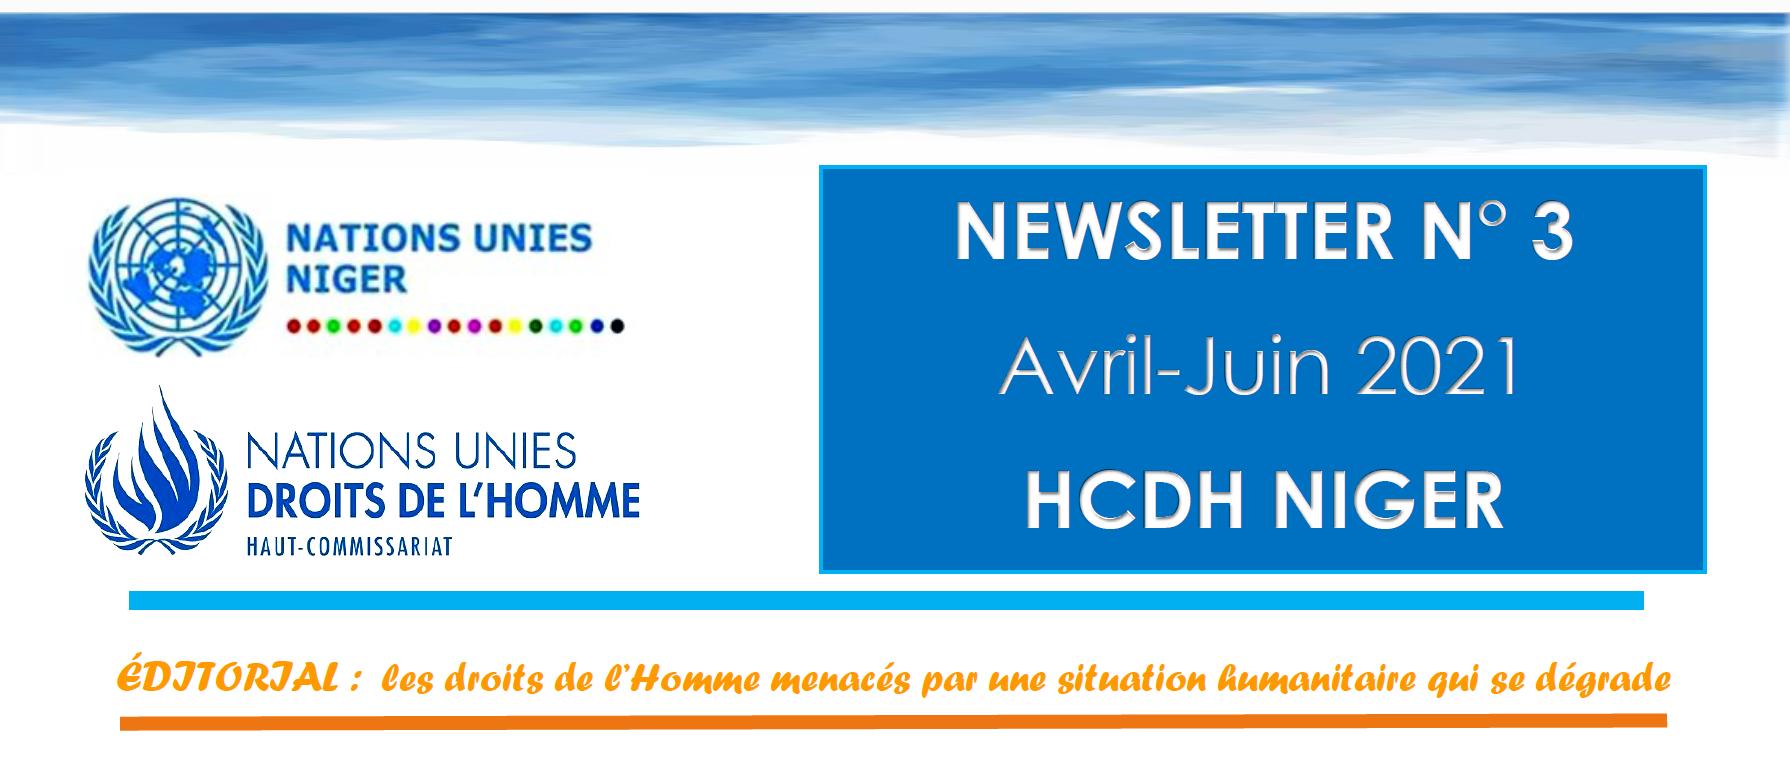 NEWSLETTER N° 3 Avril-Juin 2021 HCDH NIGER